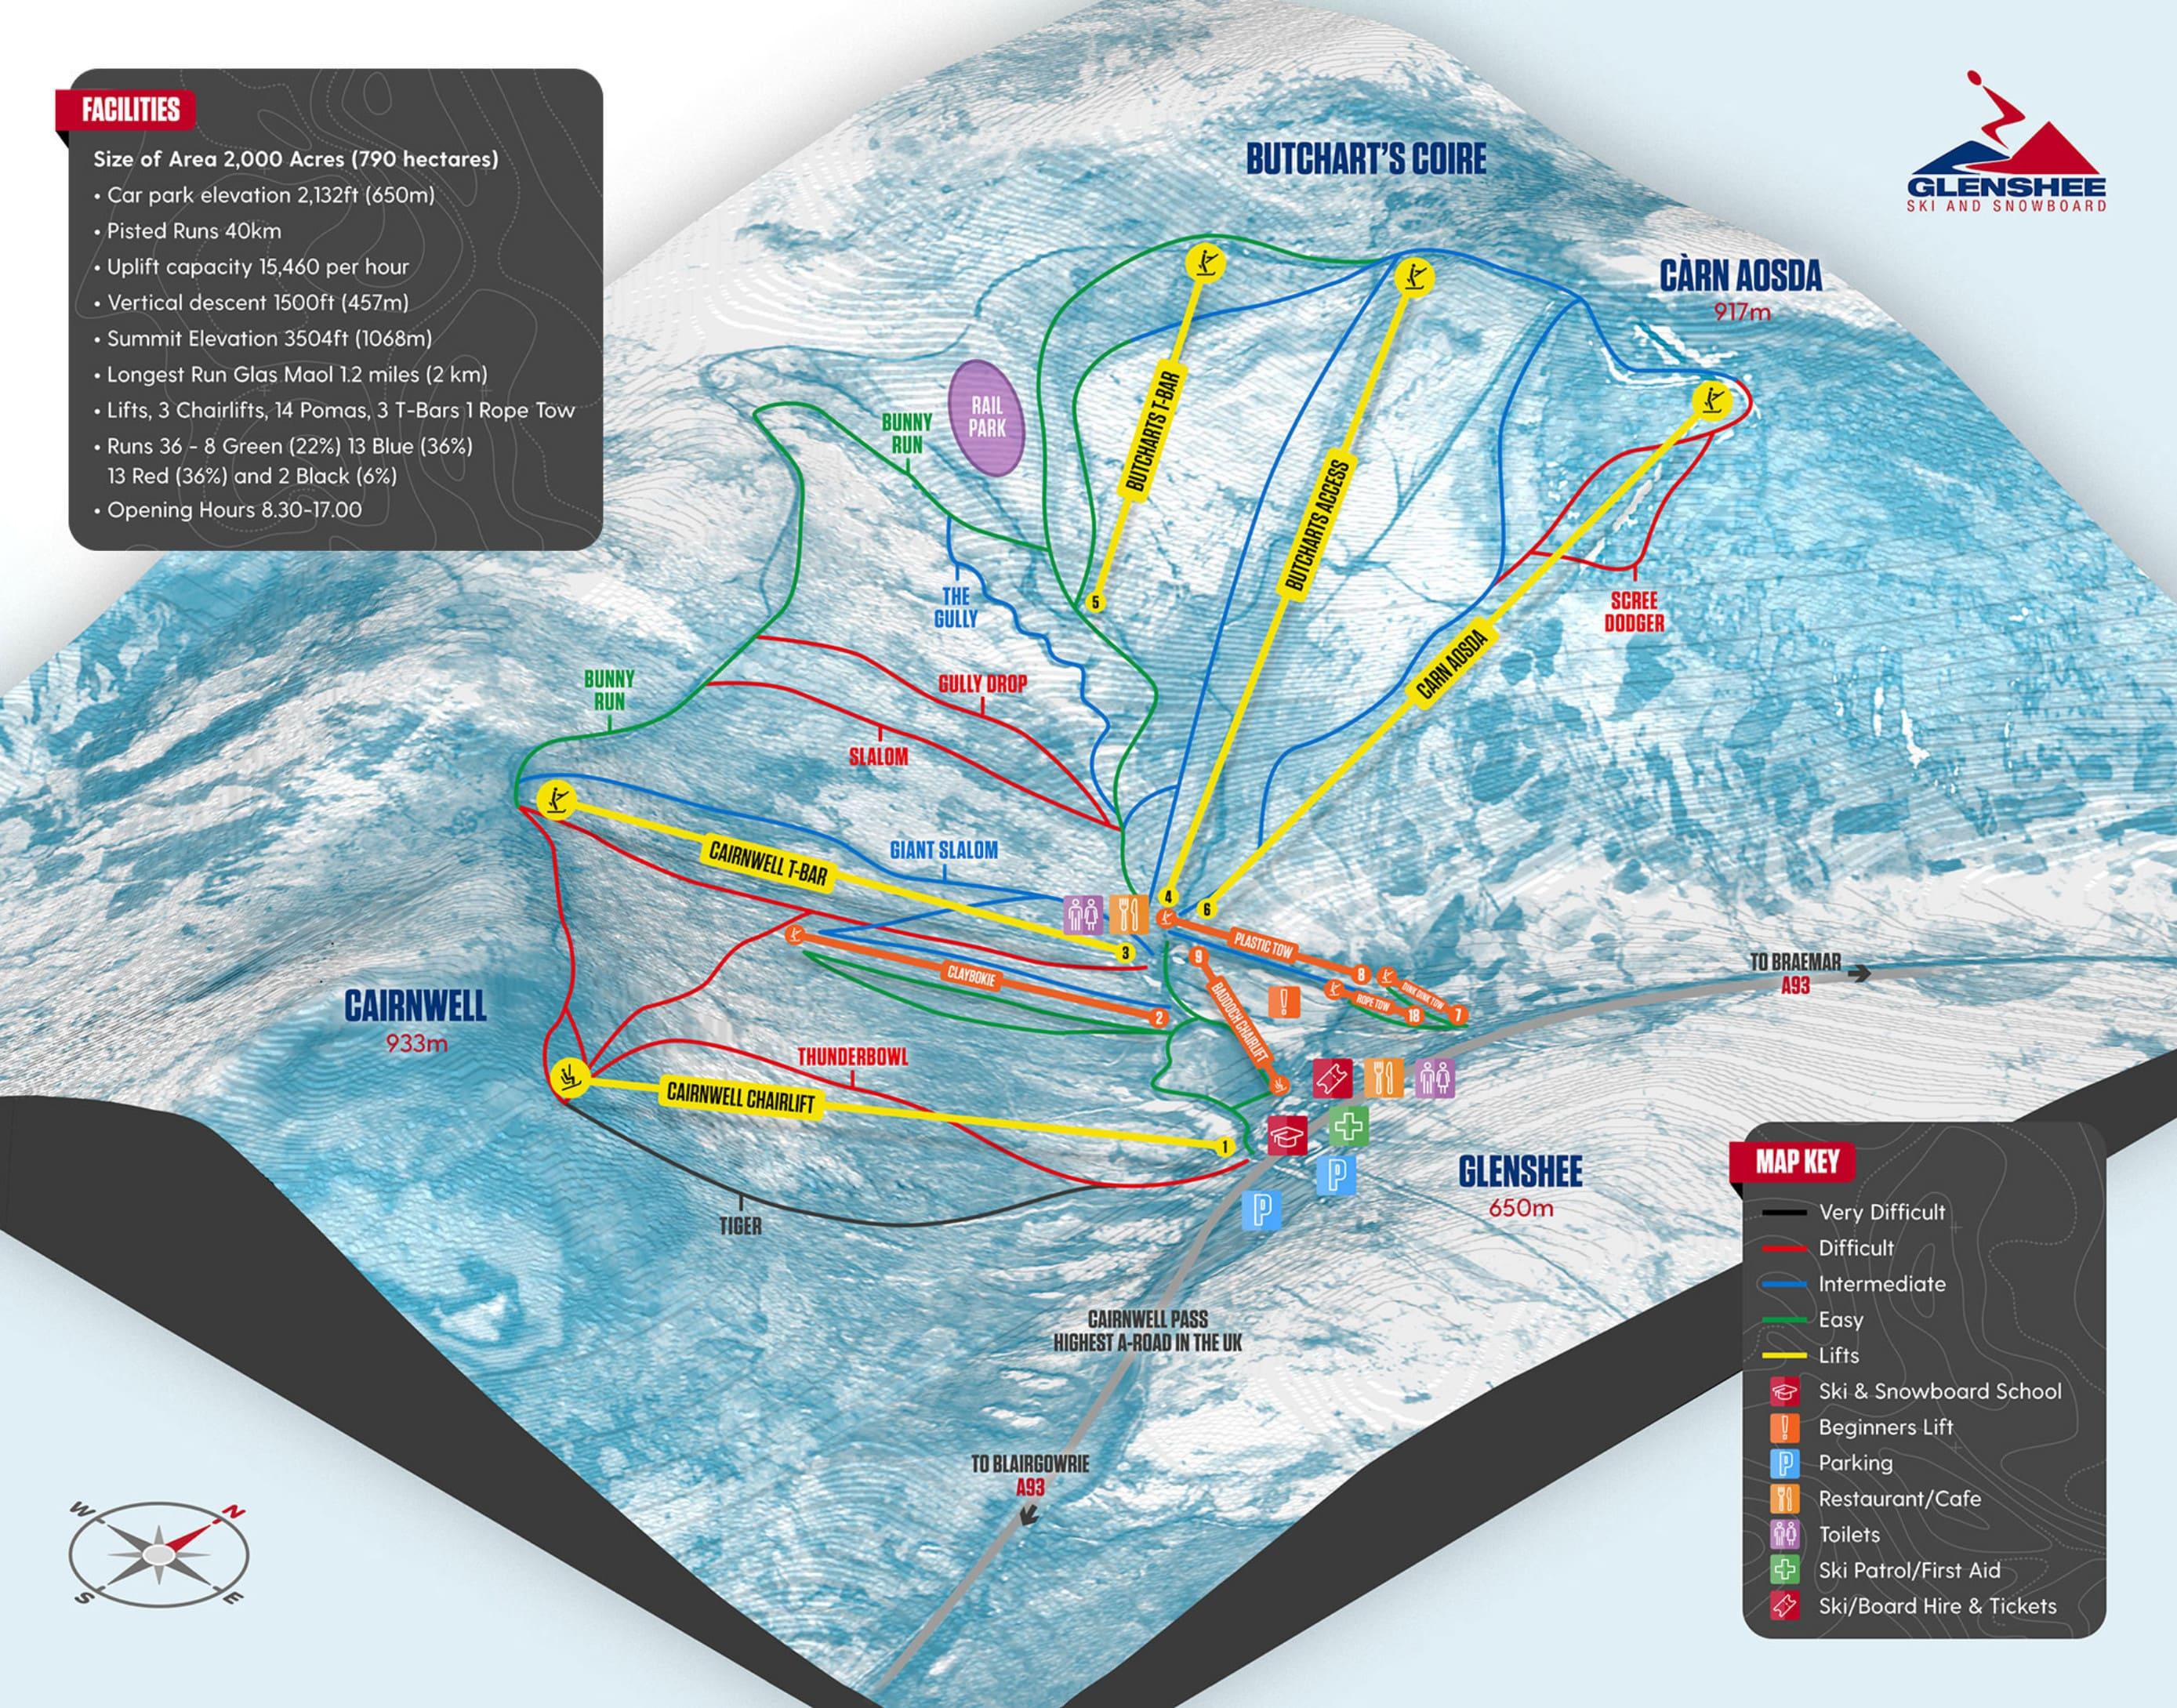 Glenshee Piste / Trail Map